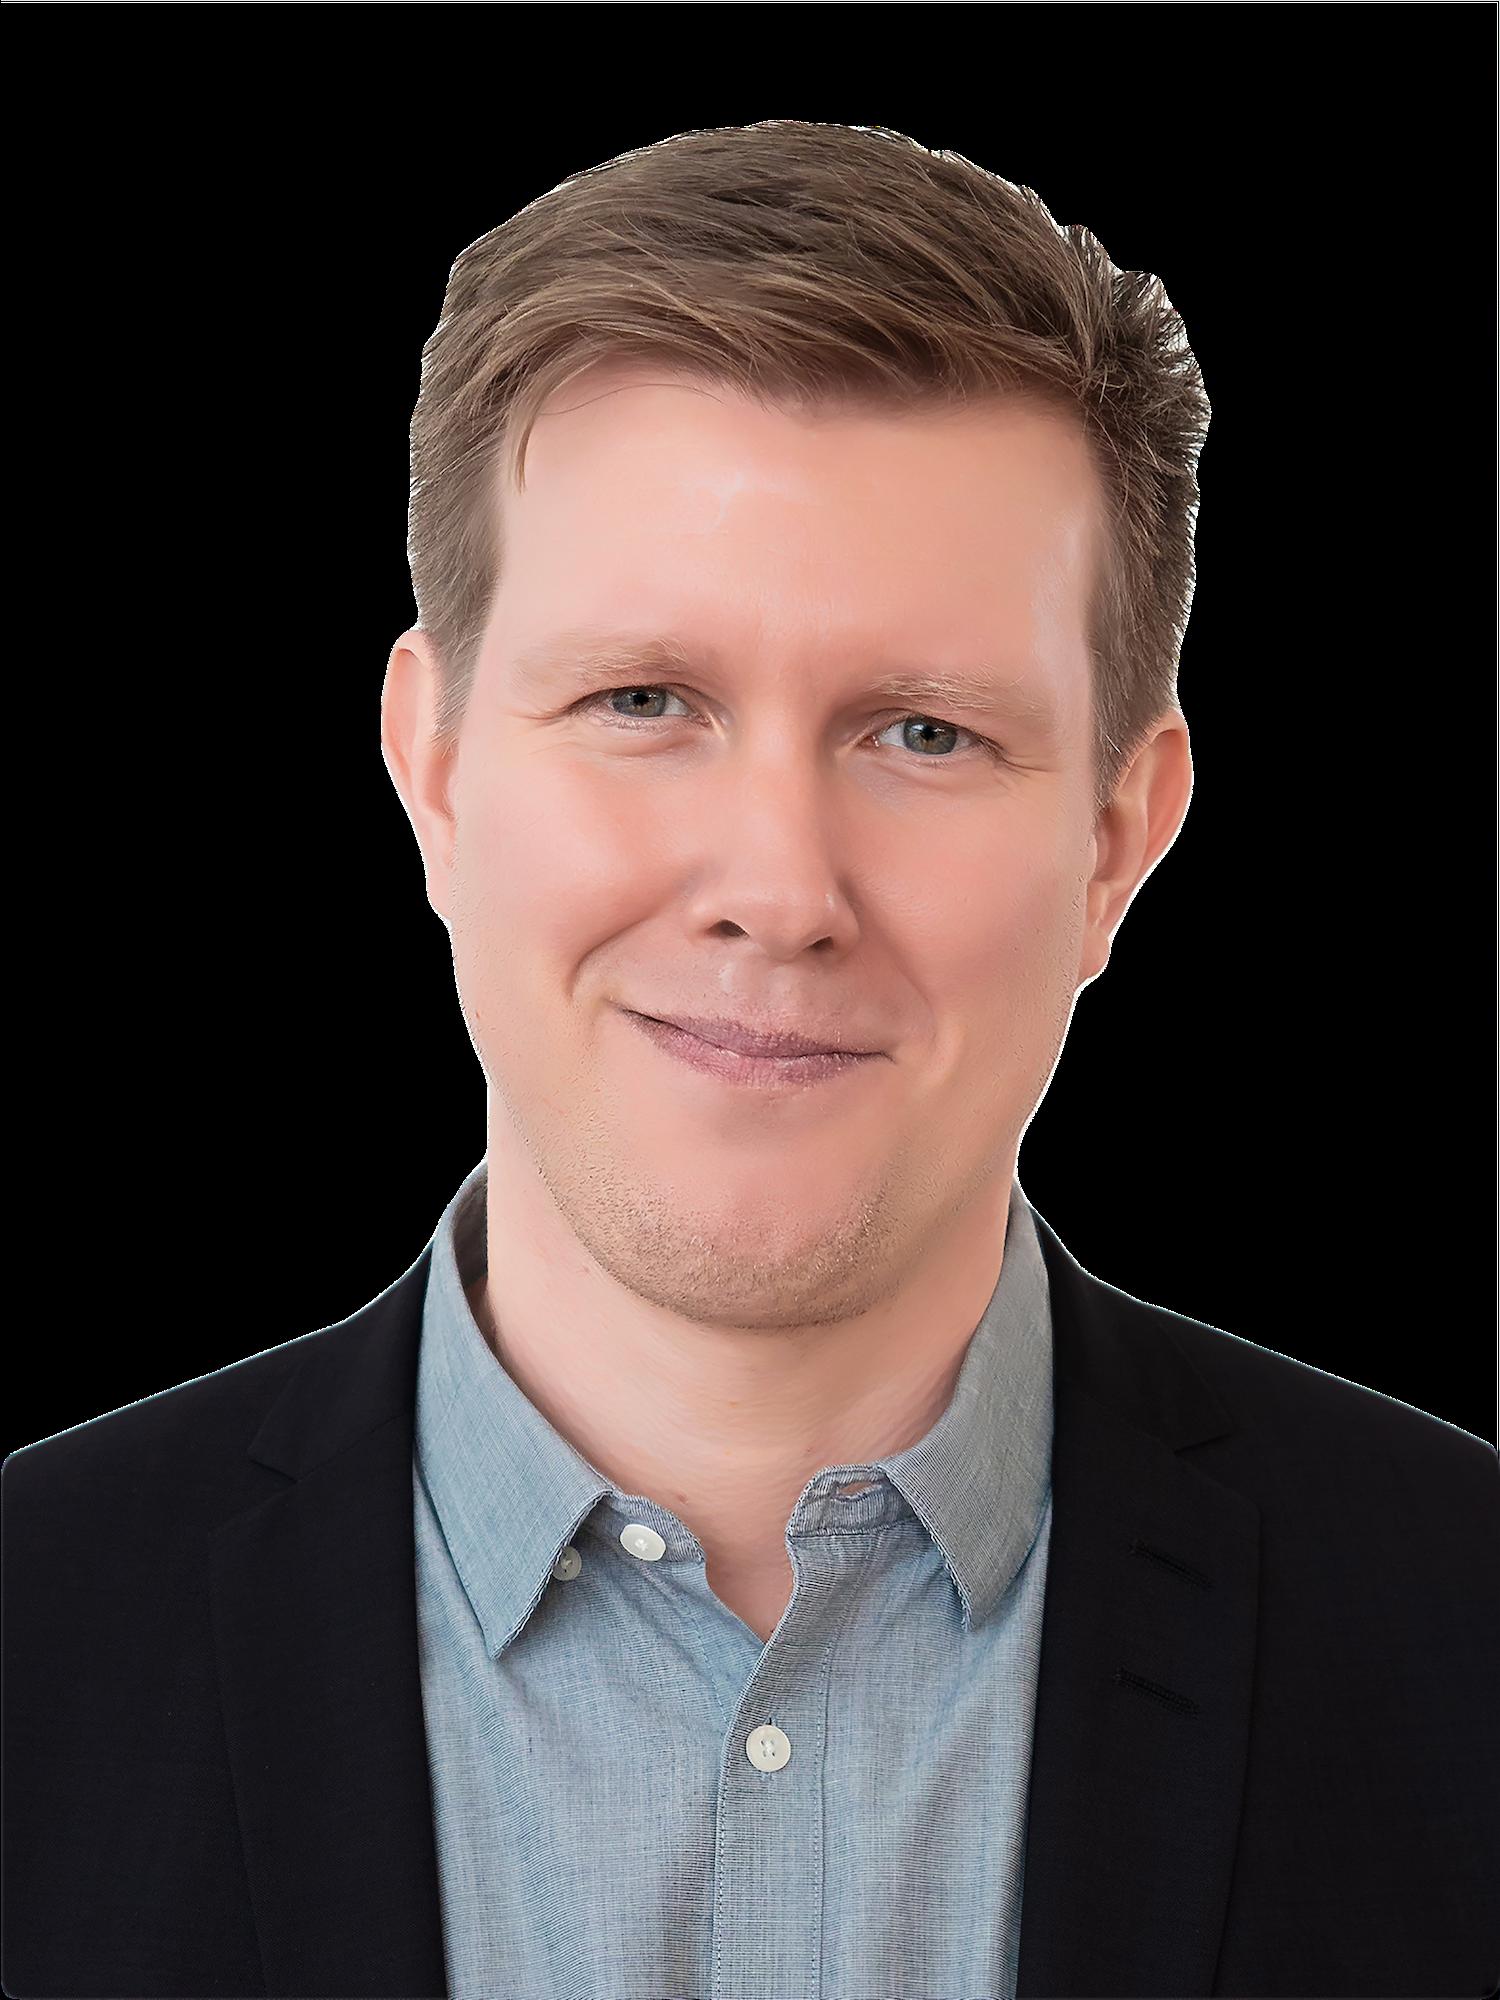 Markus Kivikangas